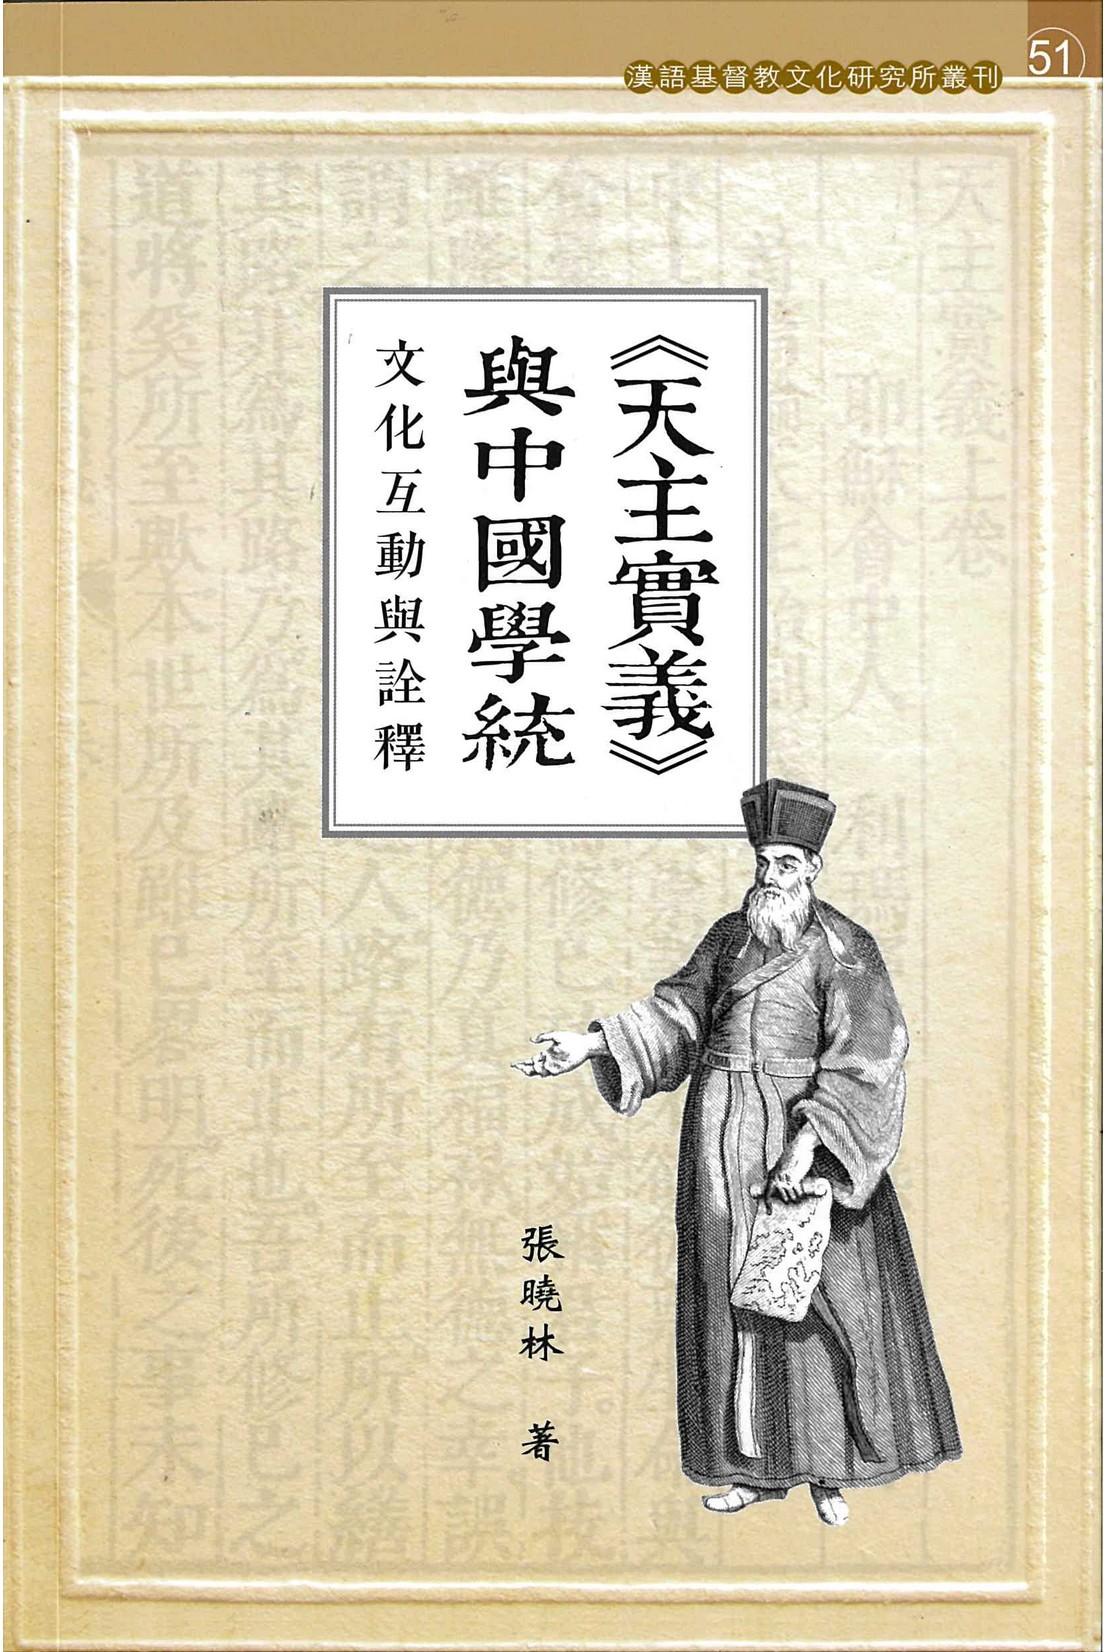 张晓林:《〈天主實義〉與中國學統——文化互動與詮釋》(2020年再版)